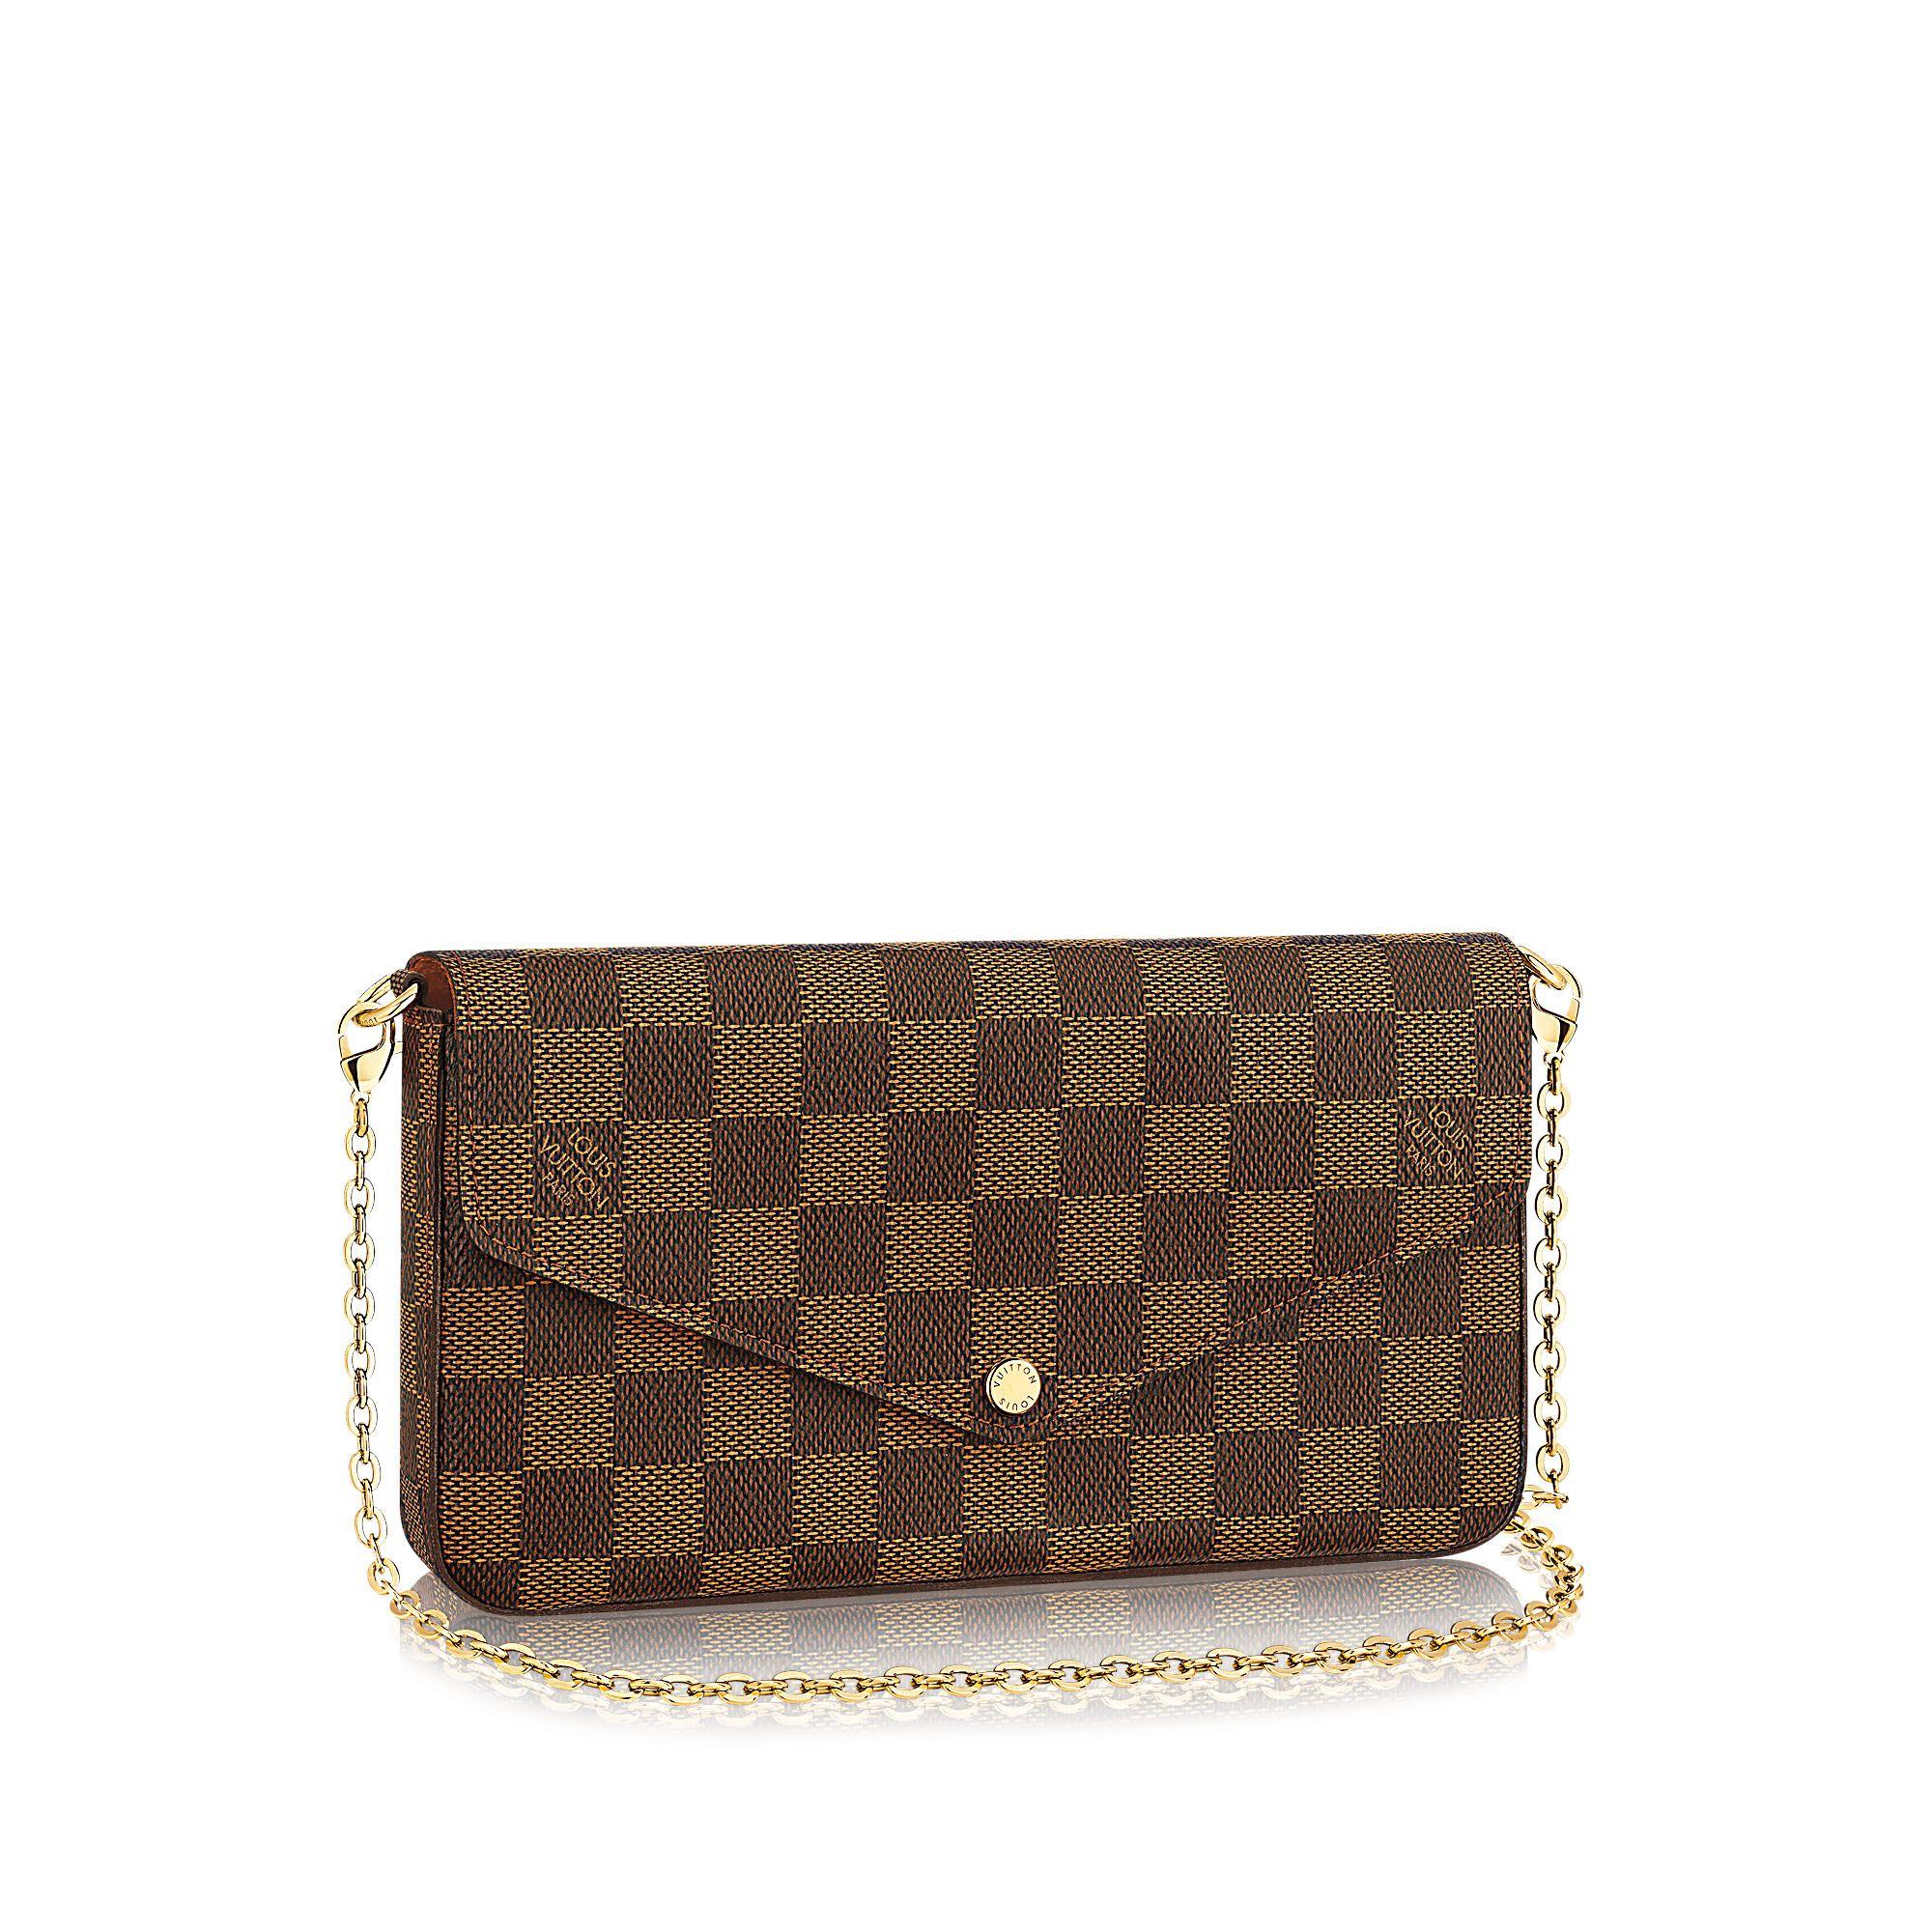 Pochette Felicie Via Louis Vuitton Mit Bildern Taschen Damen Louis Vuitton Handtaschen Damenhandtaschen